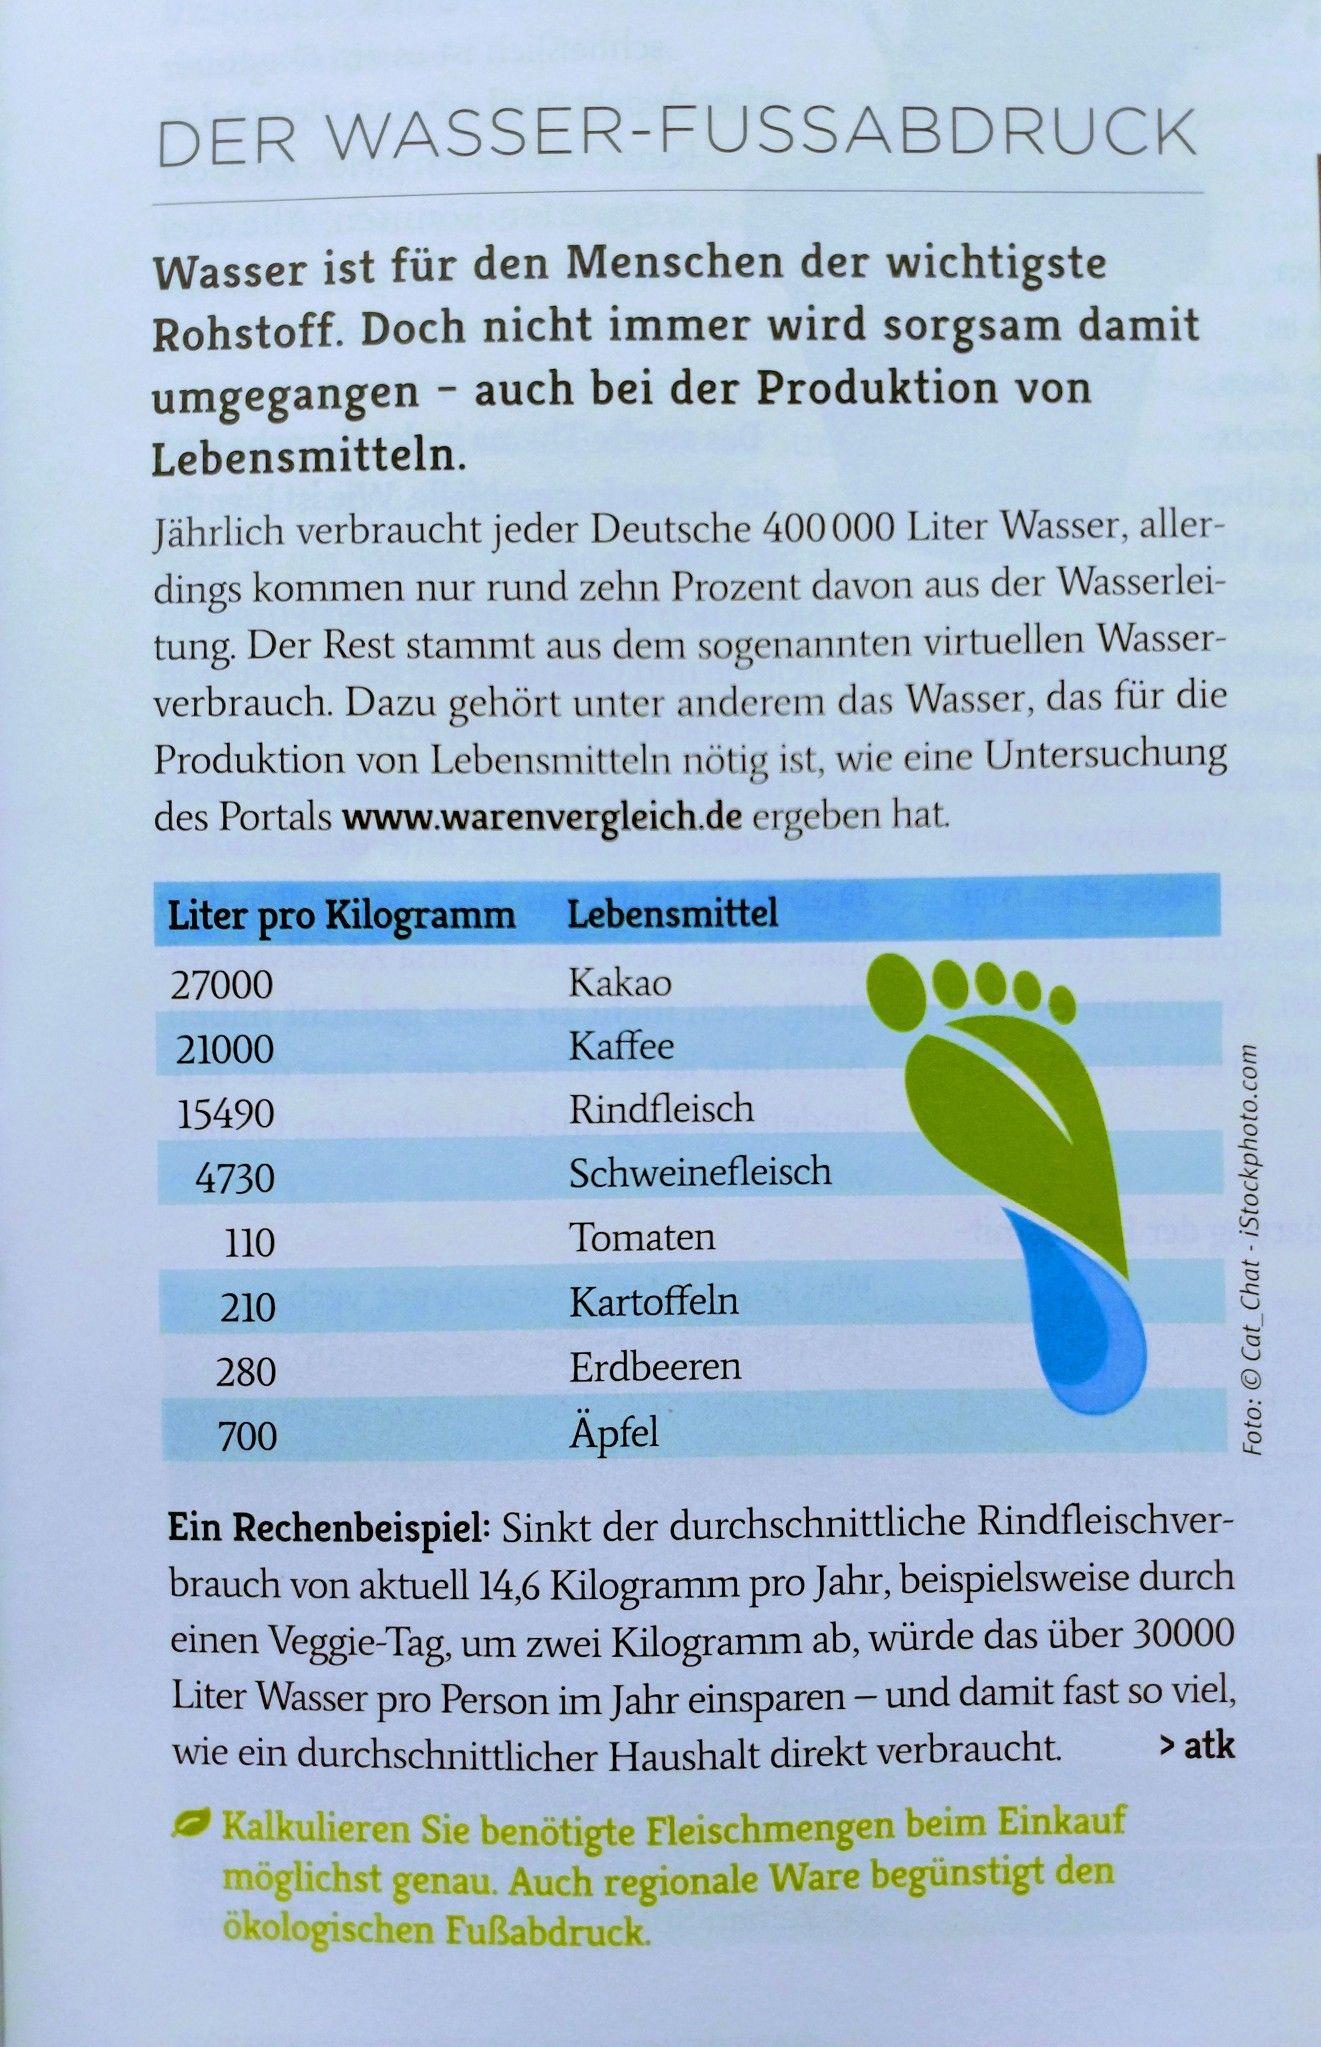 Wasser Fussabdruck 400 000 Liter Im Jahr Wasserfussabdruck Sparsam Umwelt Umweltschutz Wasser Verschwendung Wasserve Vorlagen Umwelt Malvorlagen